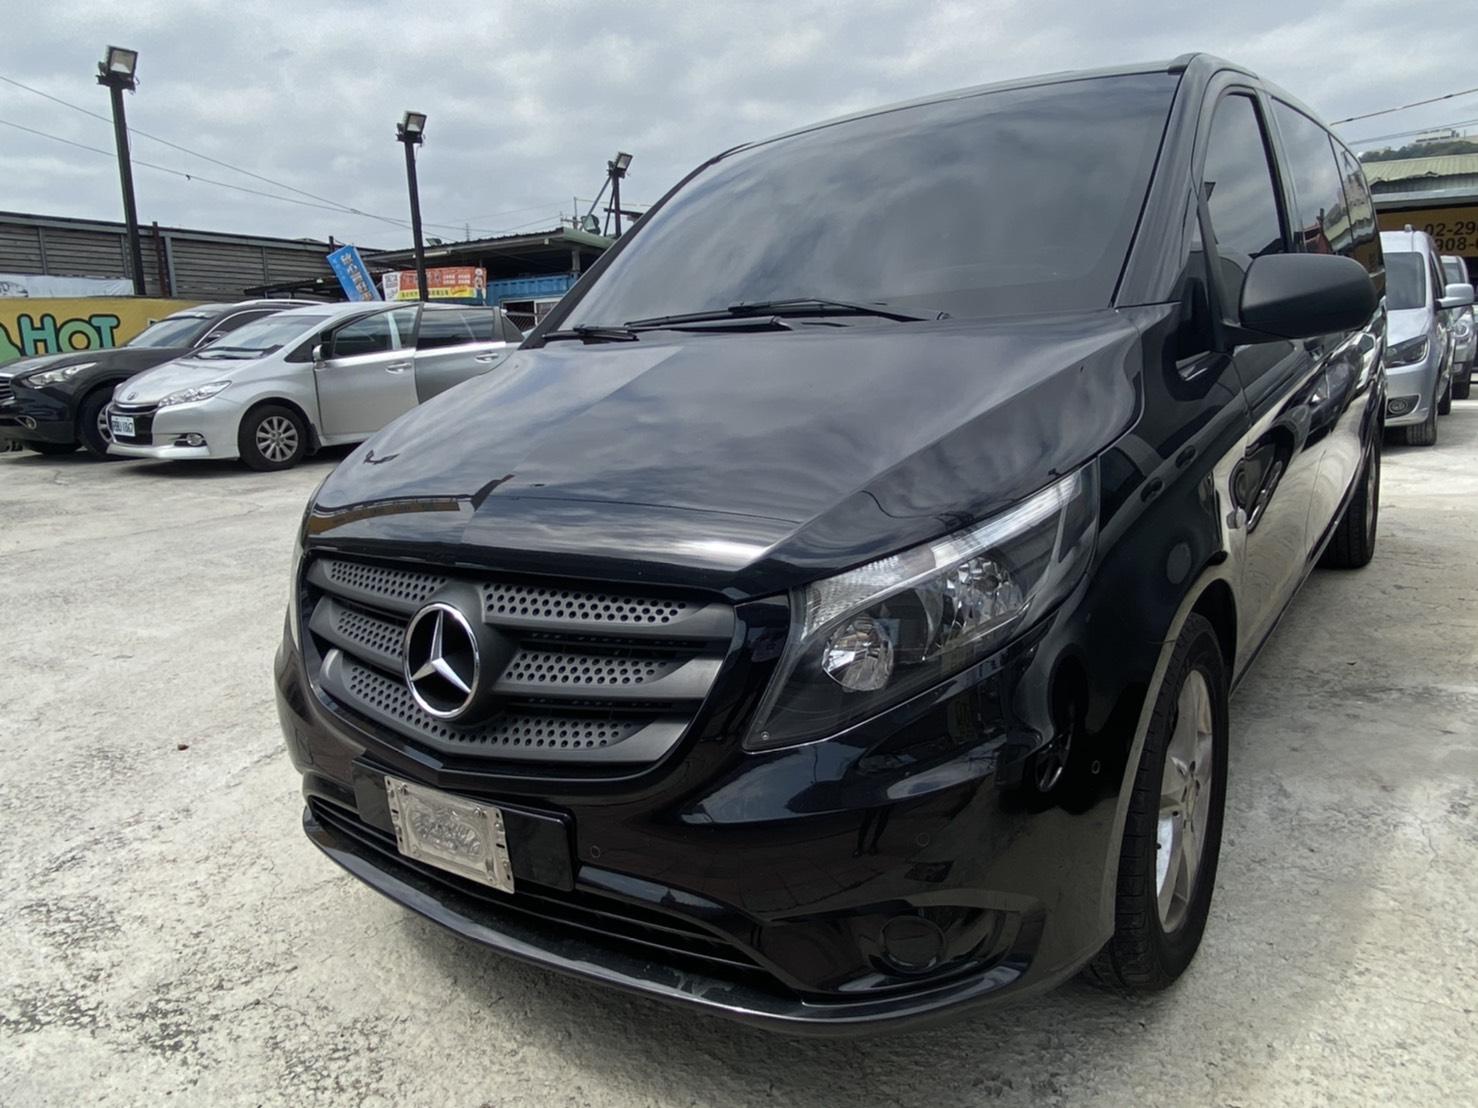 2017 M-Benz 賓士 其他